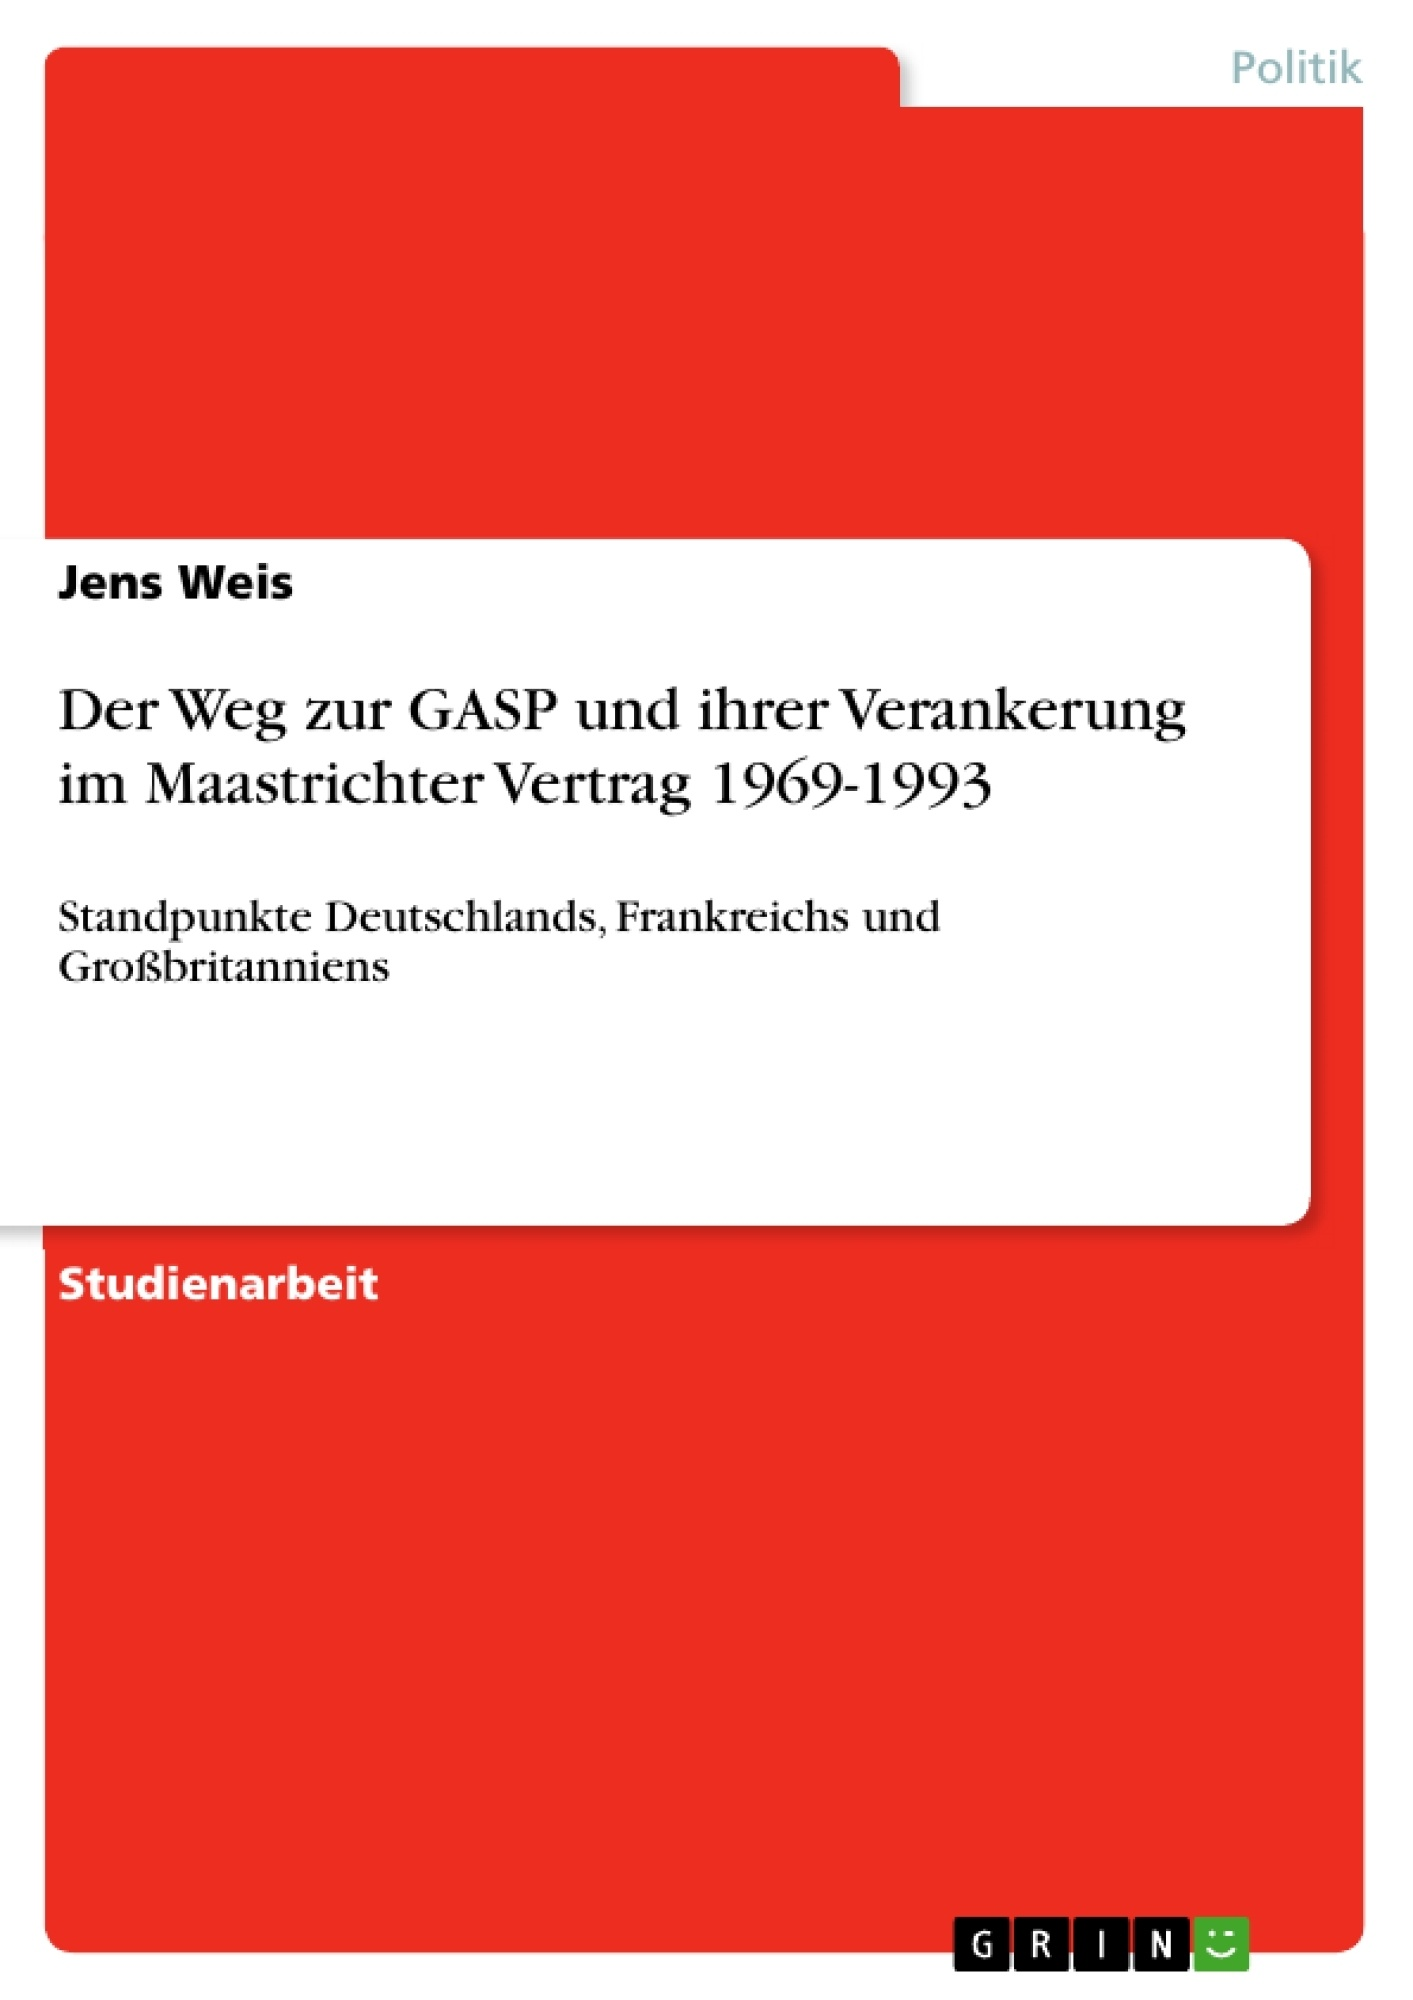 Titel: Der Weg zur GASP und ihrer Verankerung im Maastrichter Vertrag 1969-1993